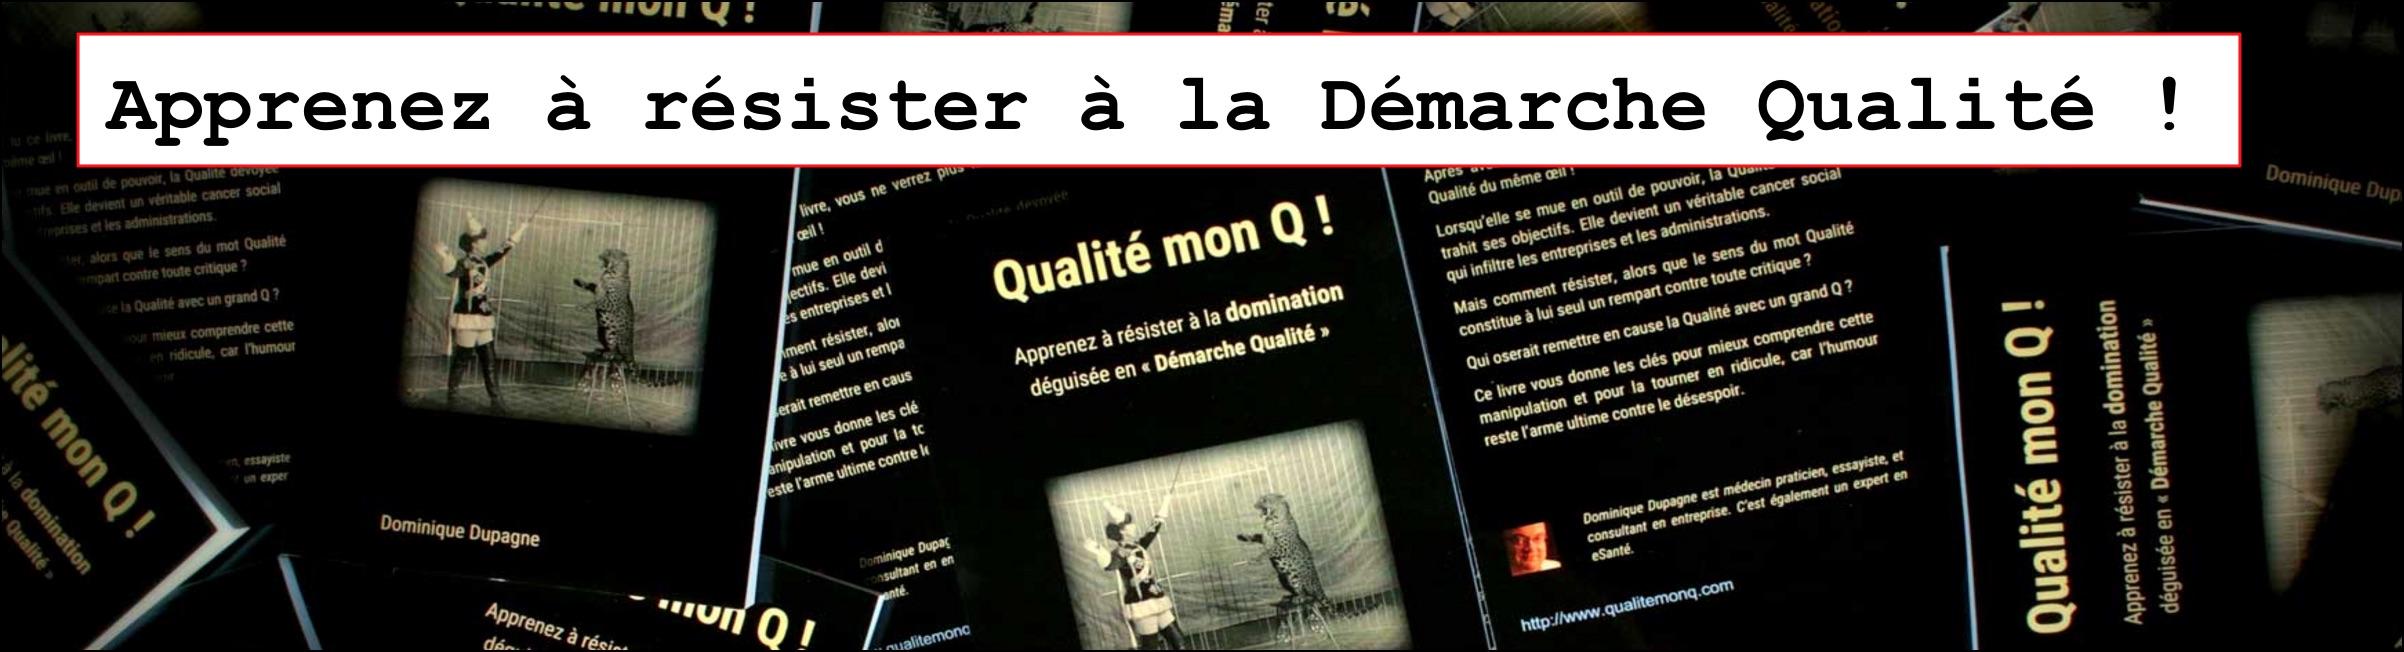 Qualité mon Q !, nouveau livre sur la démarche Qualité et la Qualité totale...